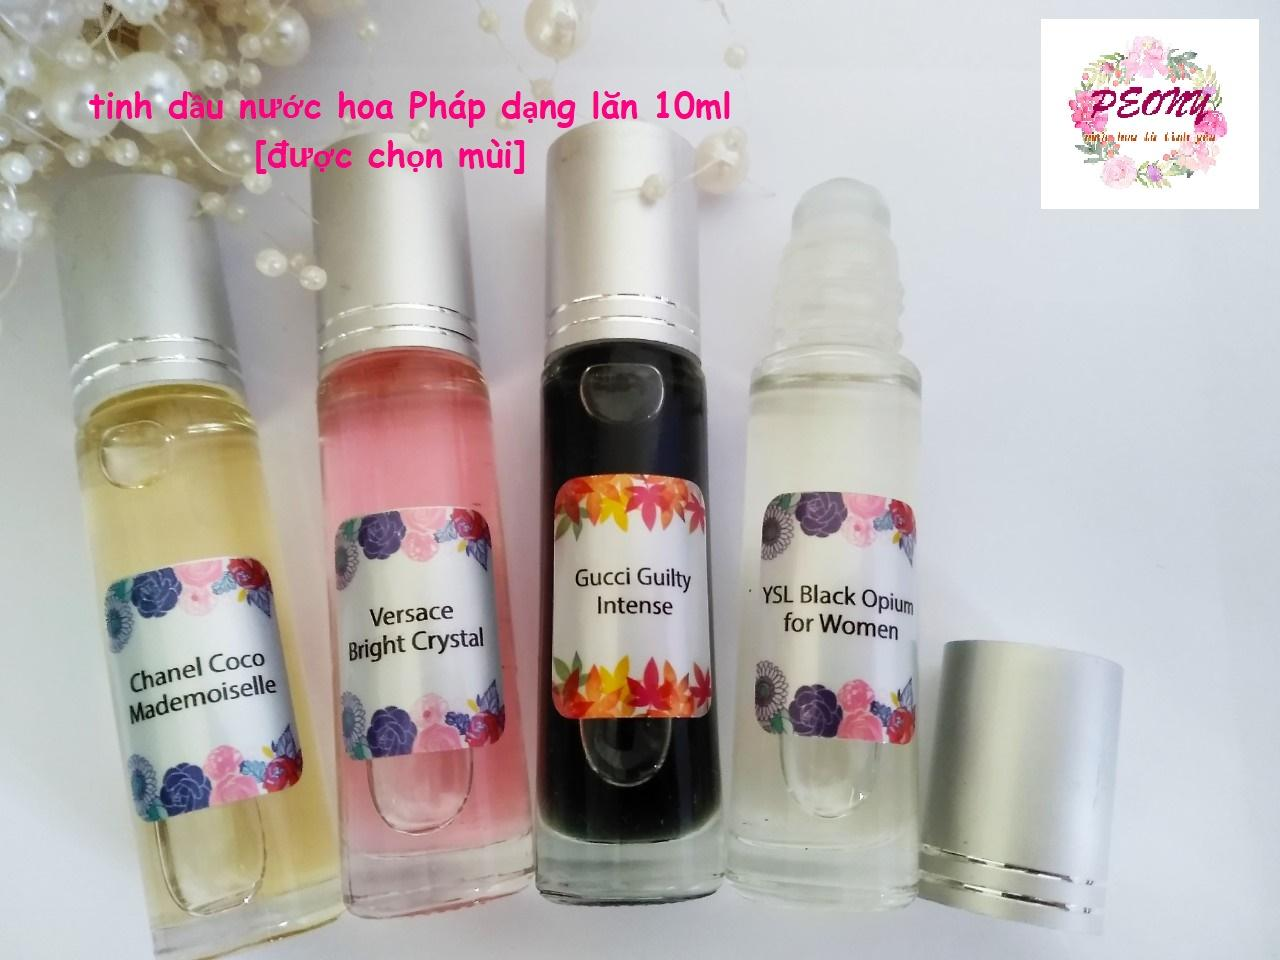 [4 lăn 10ml - mùi tự chọn] tinh dầu nước hoa Pháp - sỉ lẻ tinh dầu mini nam nữ dạng lăn - peonyladyshop chính hãng